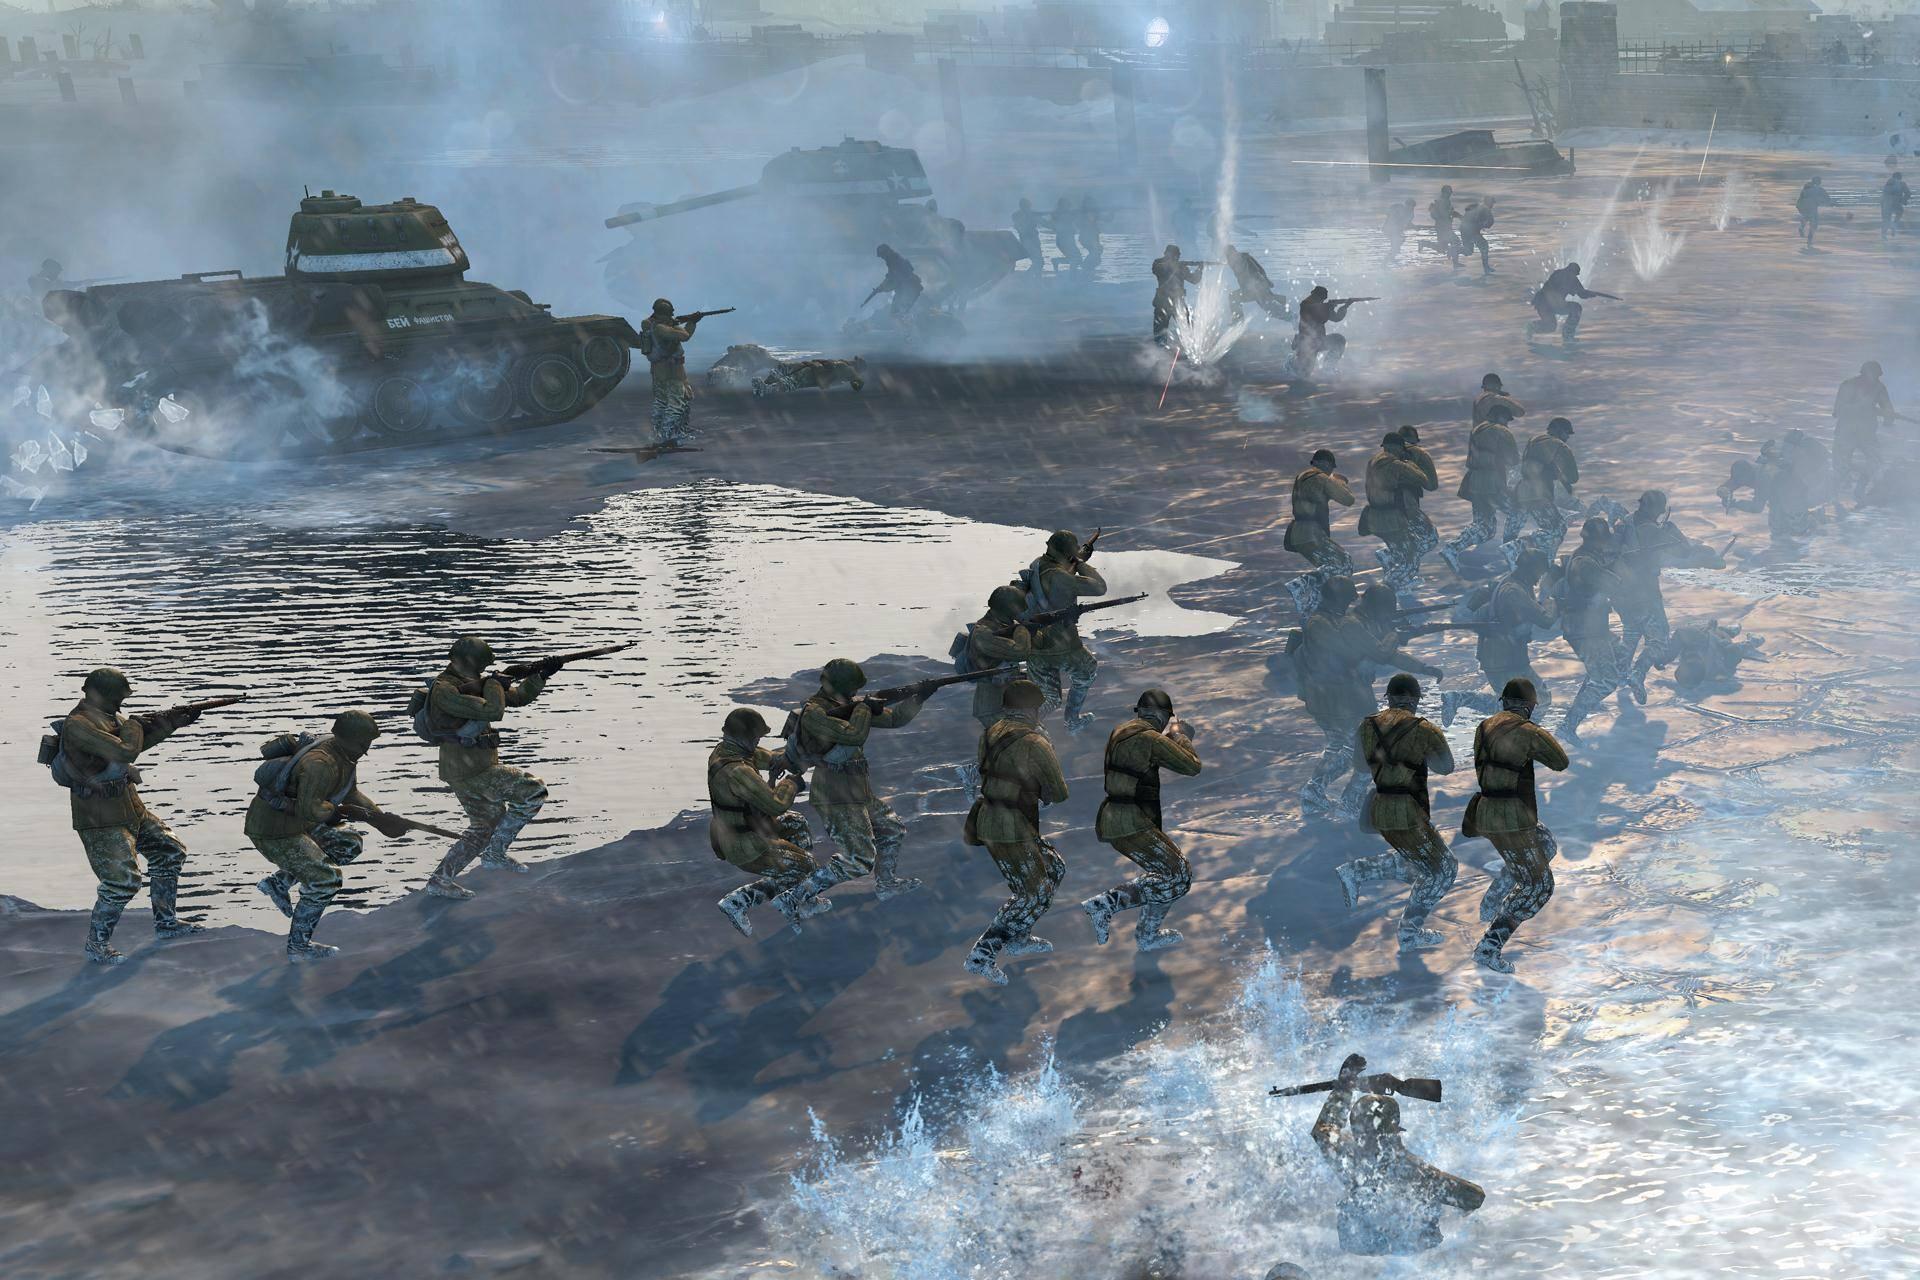 War thunder su 6 gameplay store in long beach